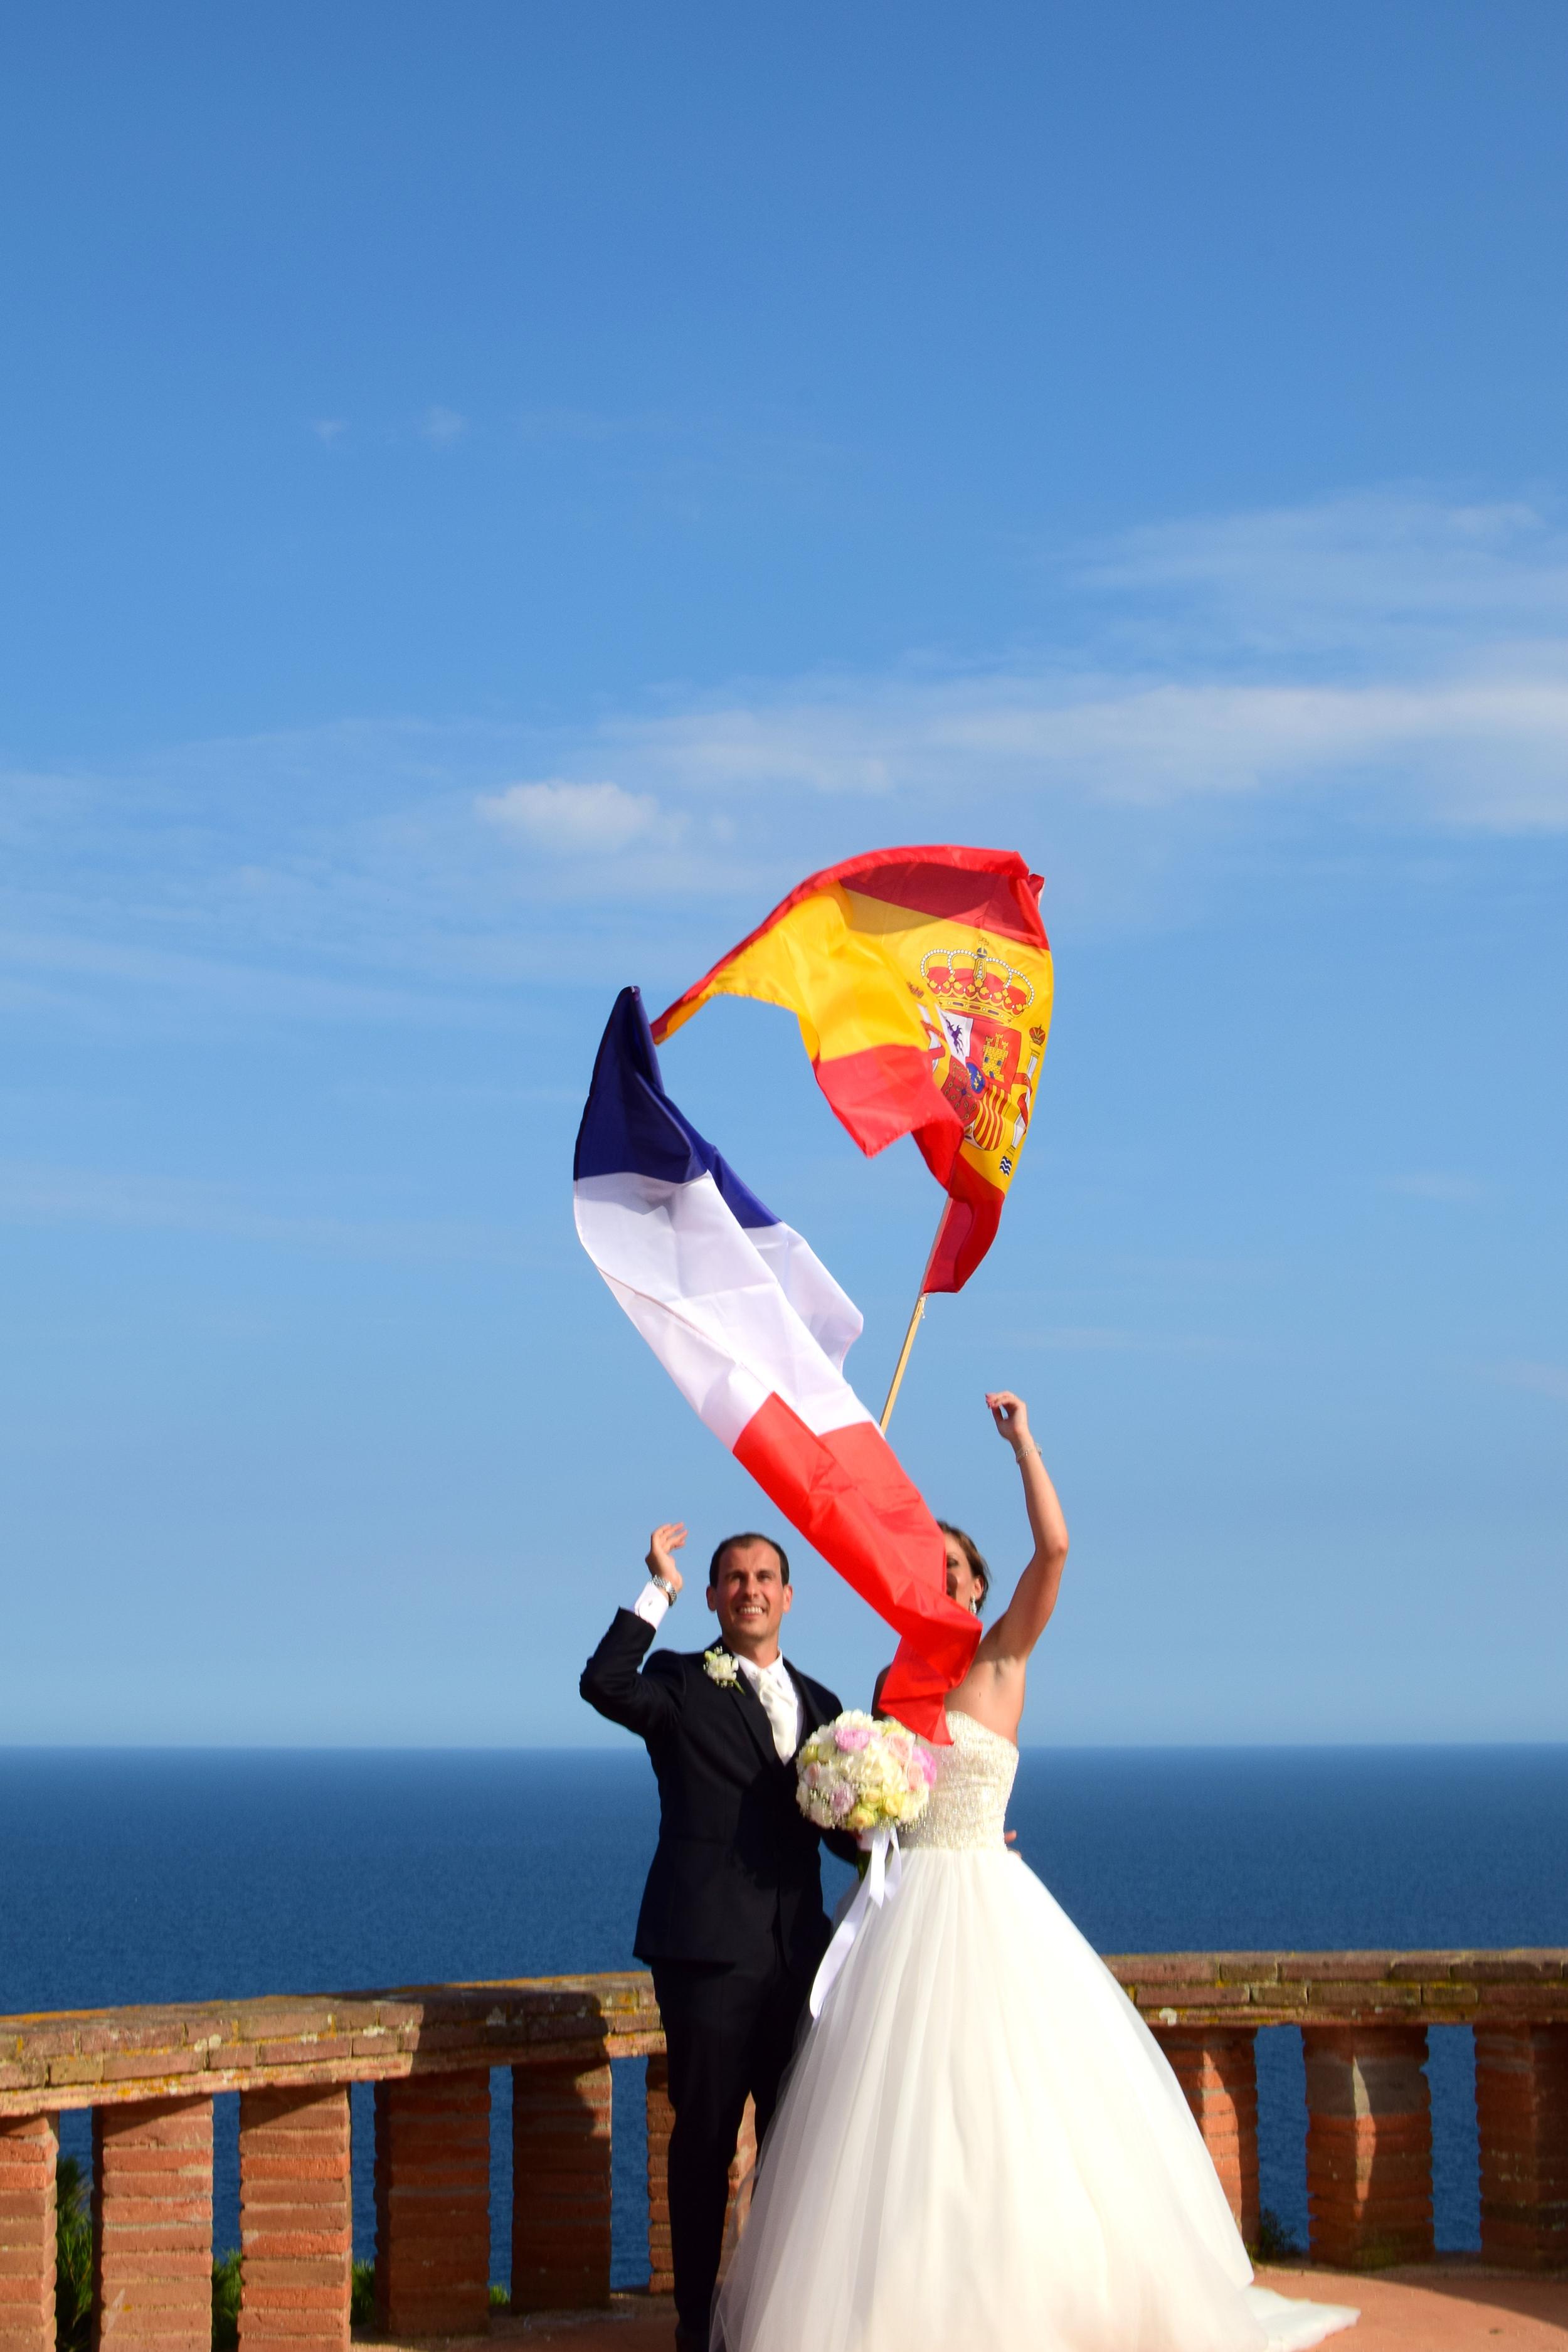 Fotografías de la preciosa boda celebrada en la ermita Sant Elm en Sant Feliu de Guixols y en el Hotel Mas Tapiolas de Santa Cristina d'Aro en la Costa Brava